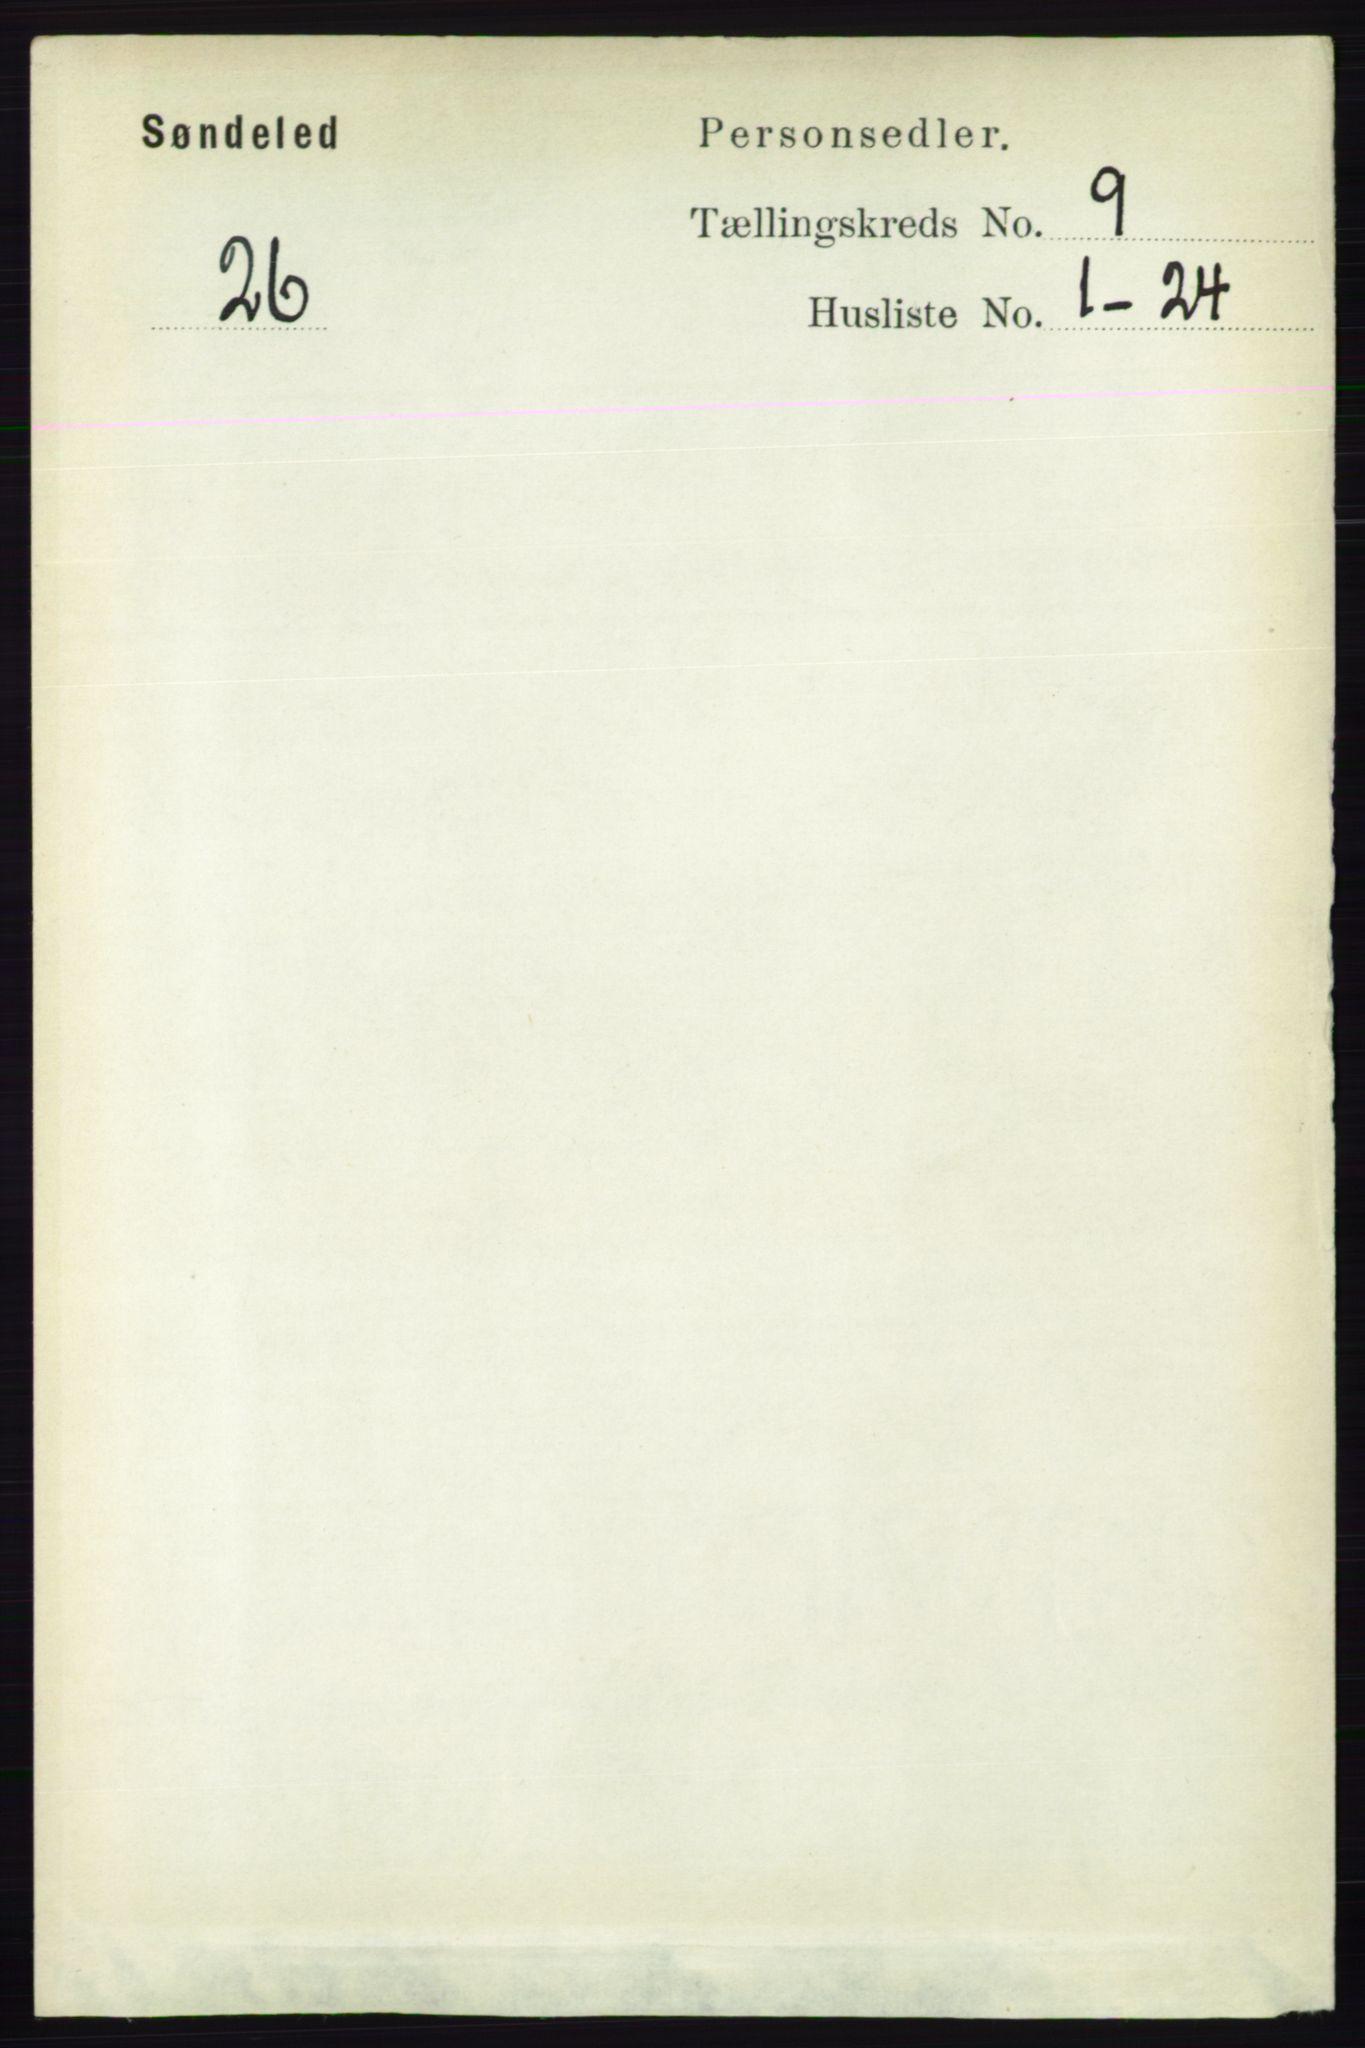 RA, Folketelling 1891 for 0913 Søndeled herred, 1891, s. 2861